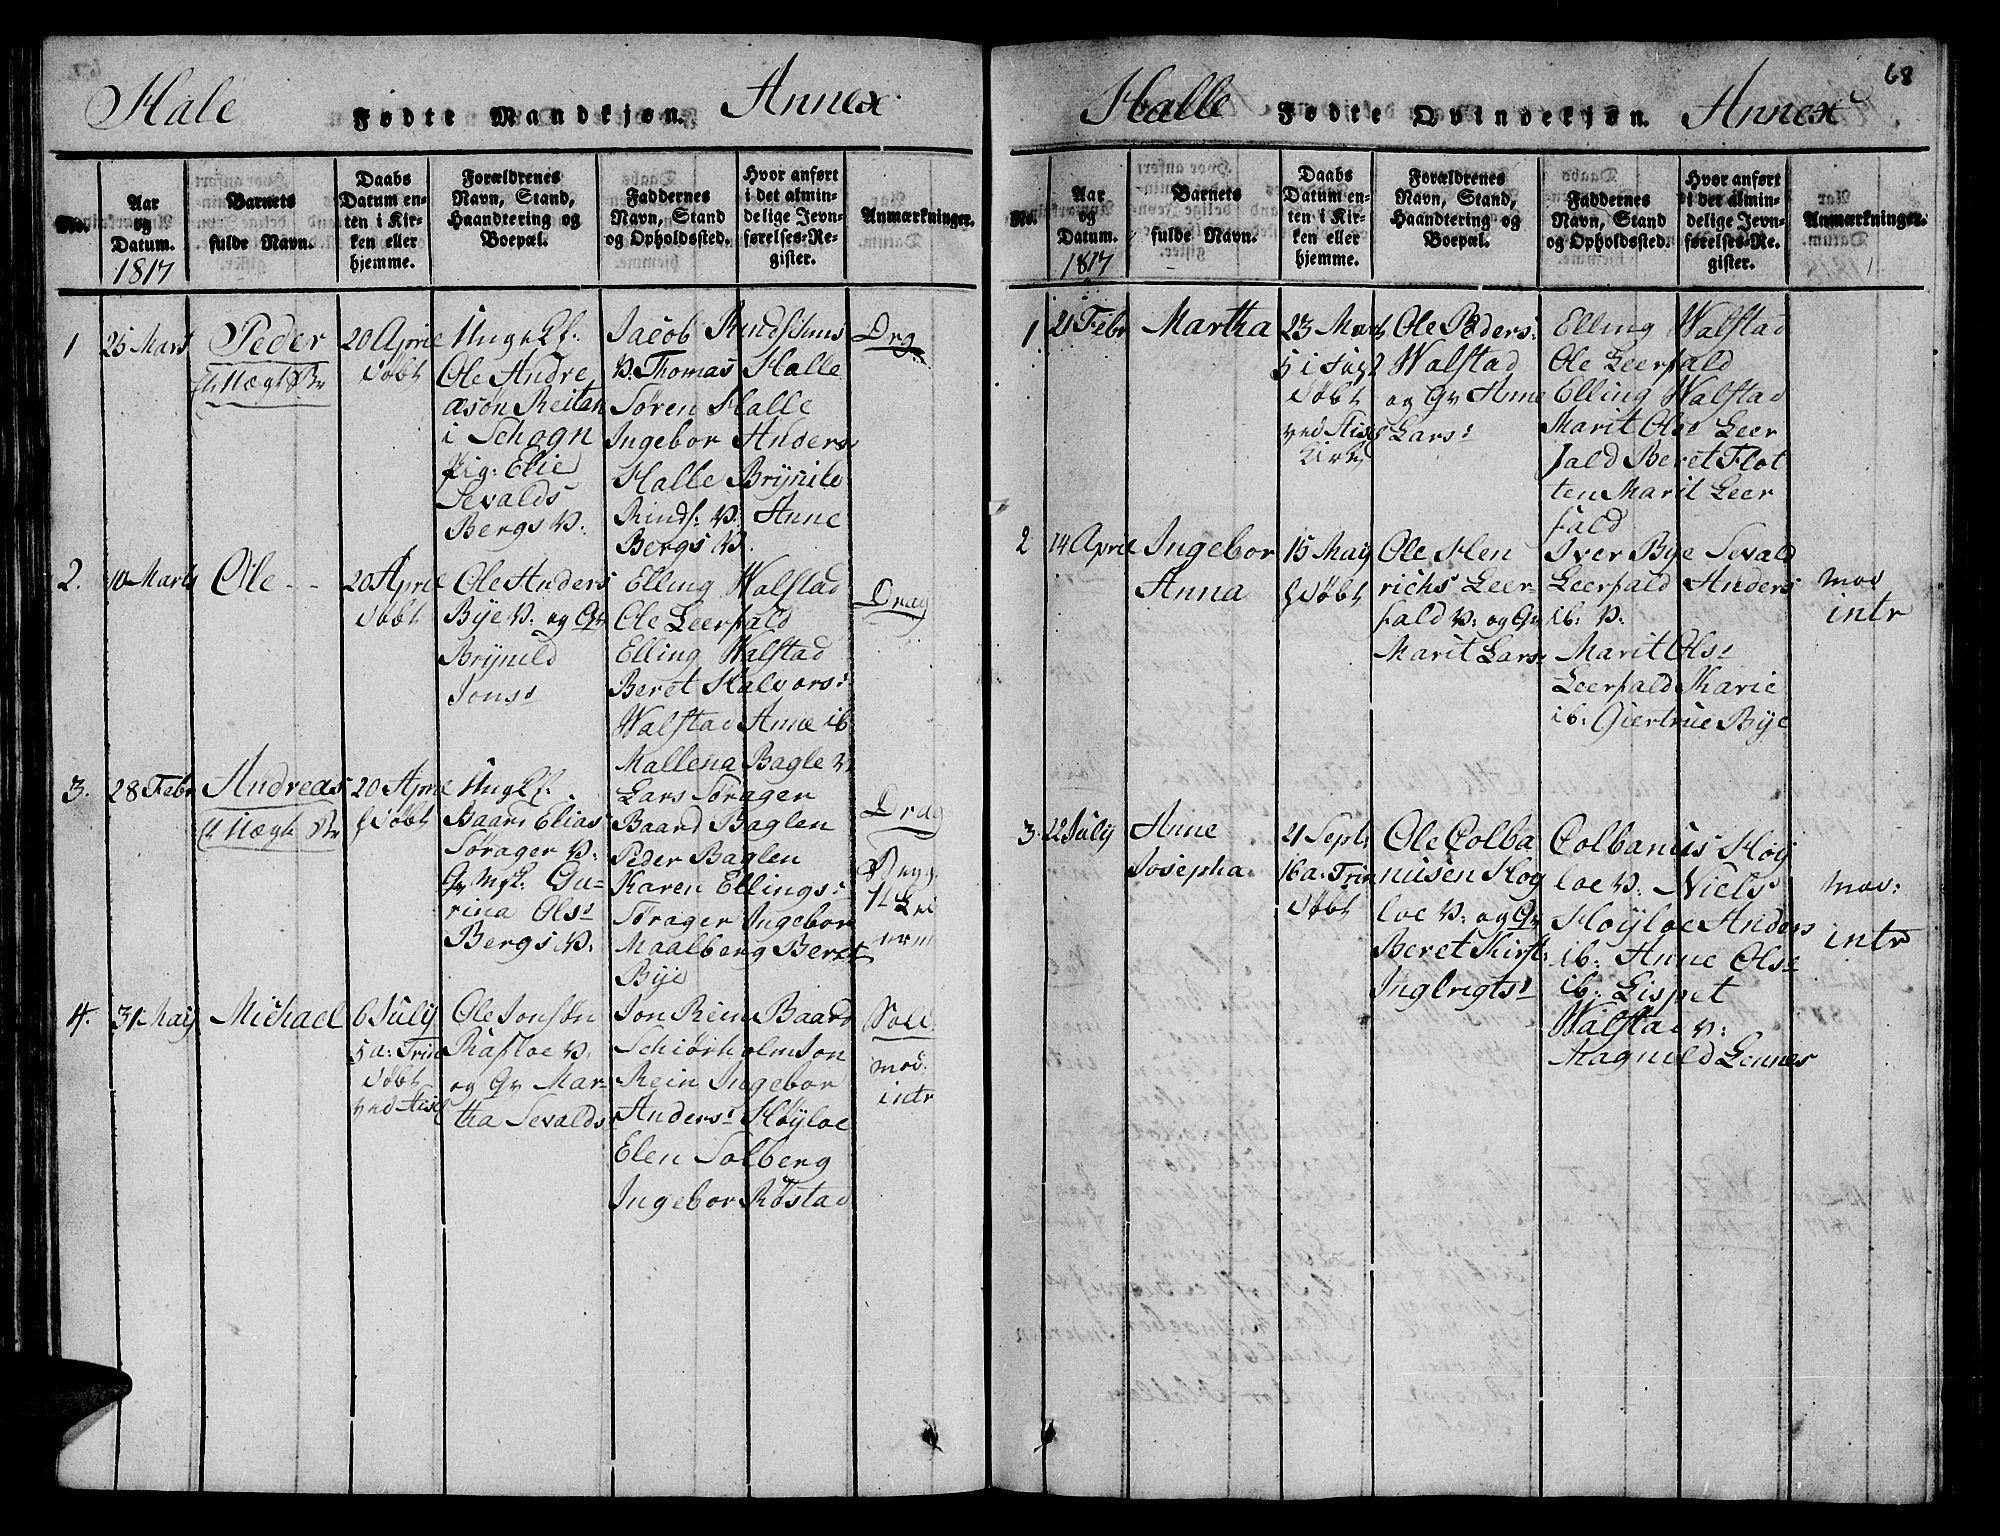 SAT, Ministerialprotokoller, klokkerbøker og fødselsregistre - Nord-Trøndelag, 723/L0251: Klokkerbok nr. 723C01 /3, 1817-1821, s. 68